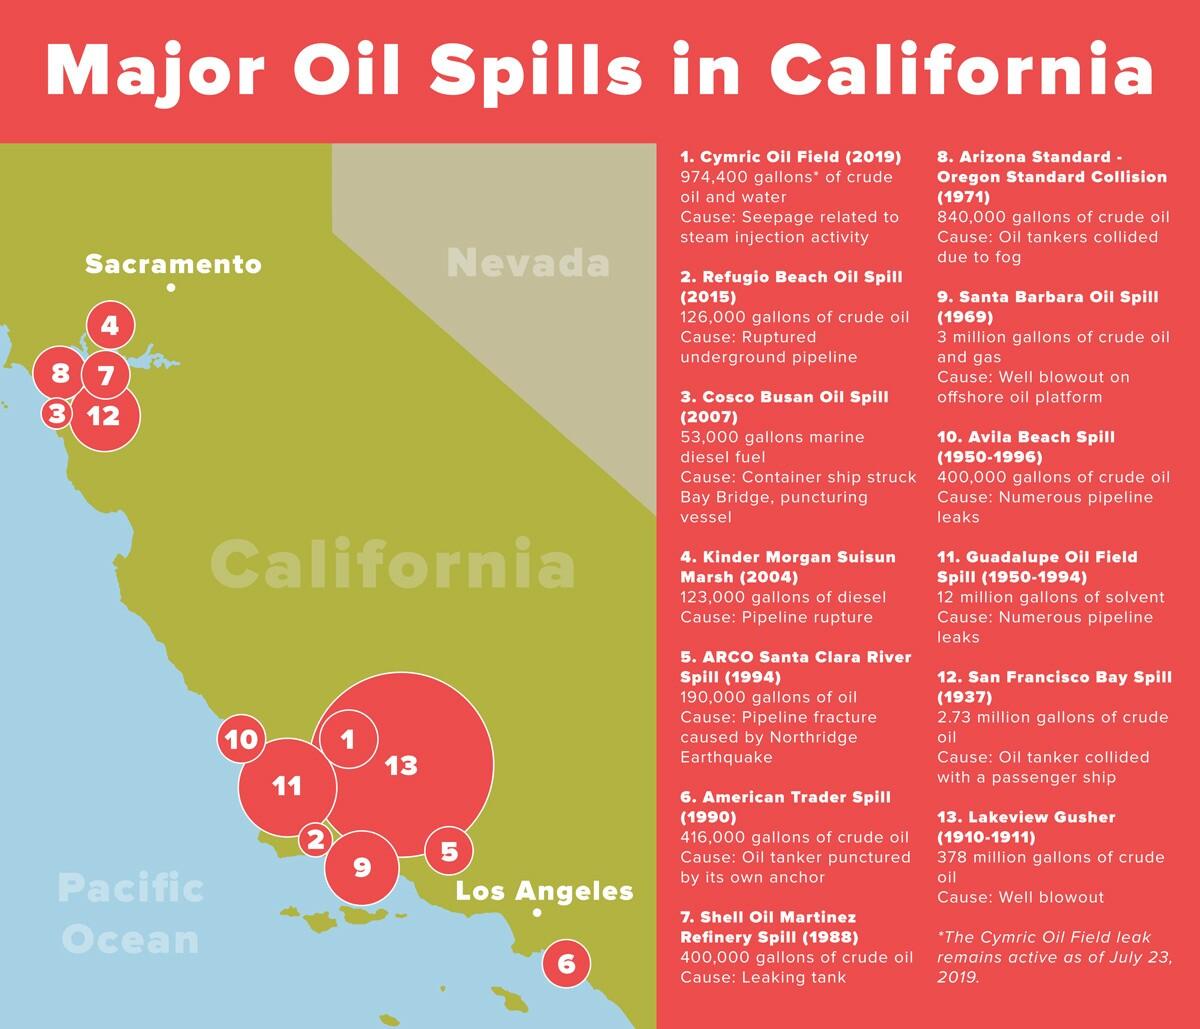 Major Oil Spills in California